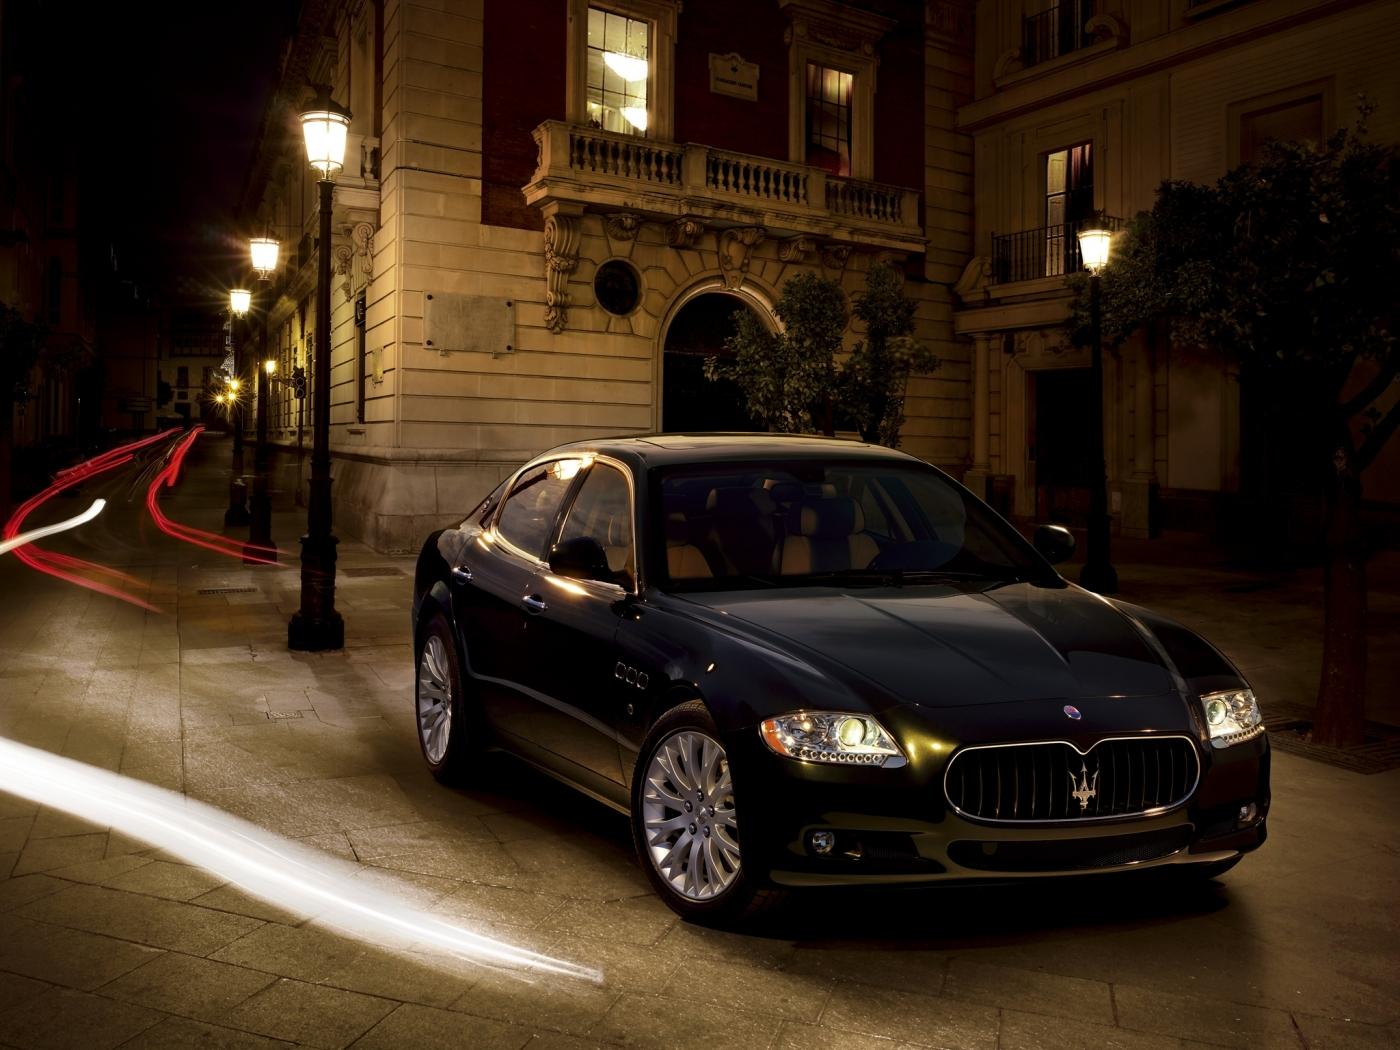 40117 скачать обои Транспорт, Машины, Мазератти (Maserati) - заставки и картинки бесплатно